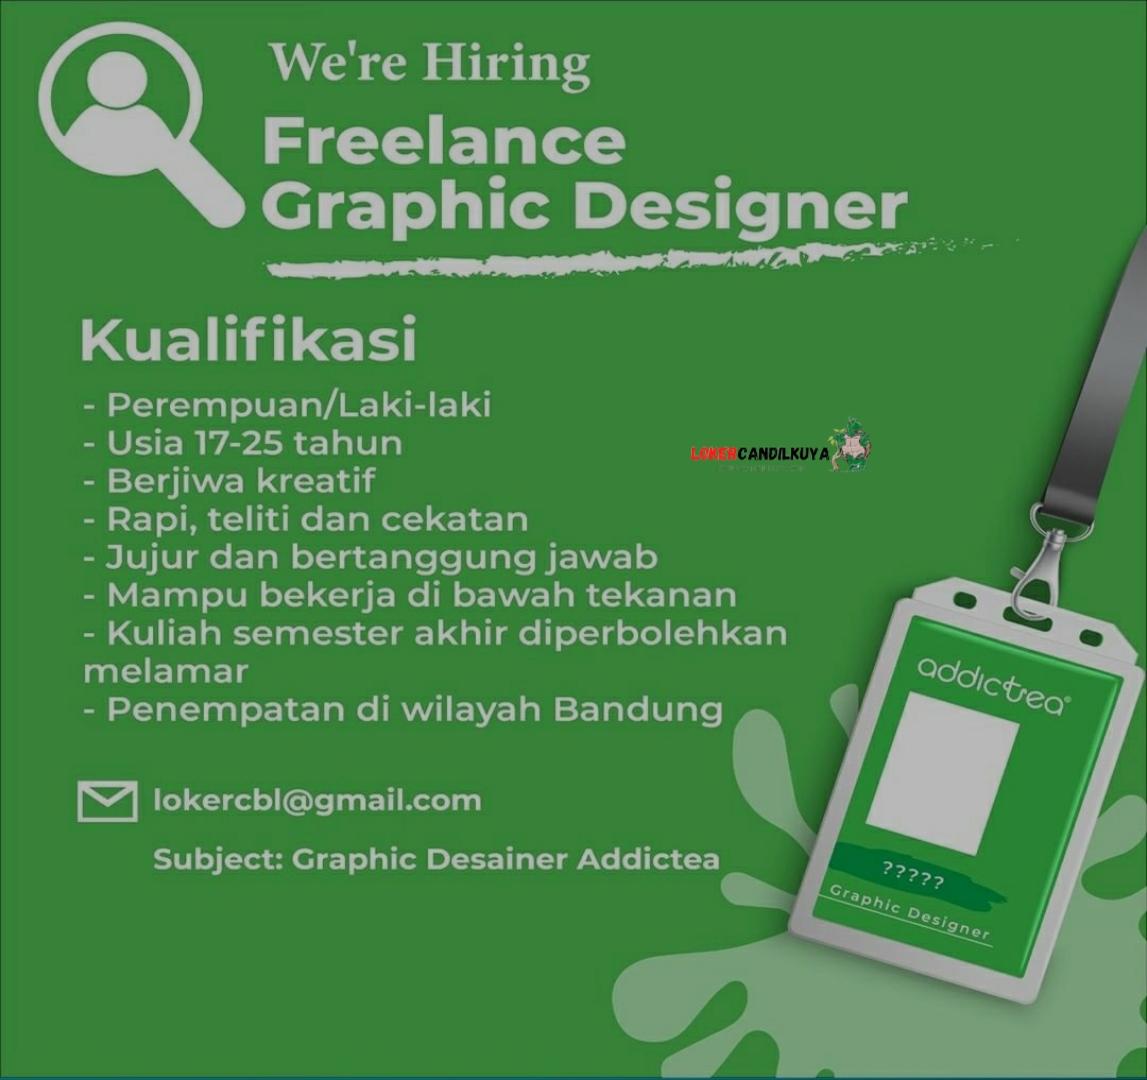 Lowongan Kerja Graphic Designer Addictea Bandung